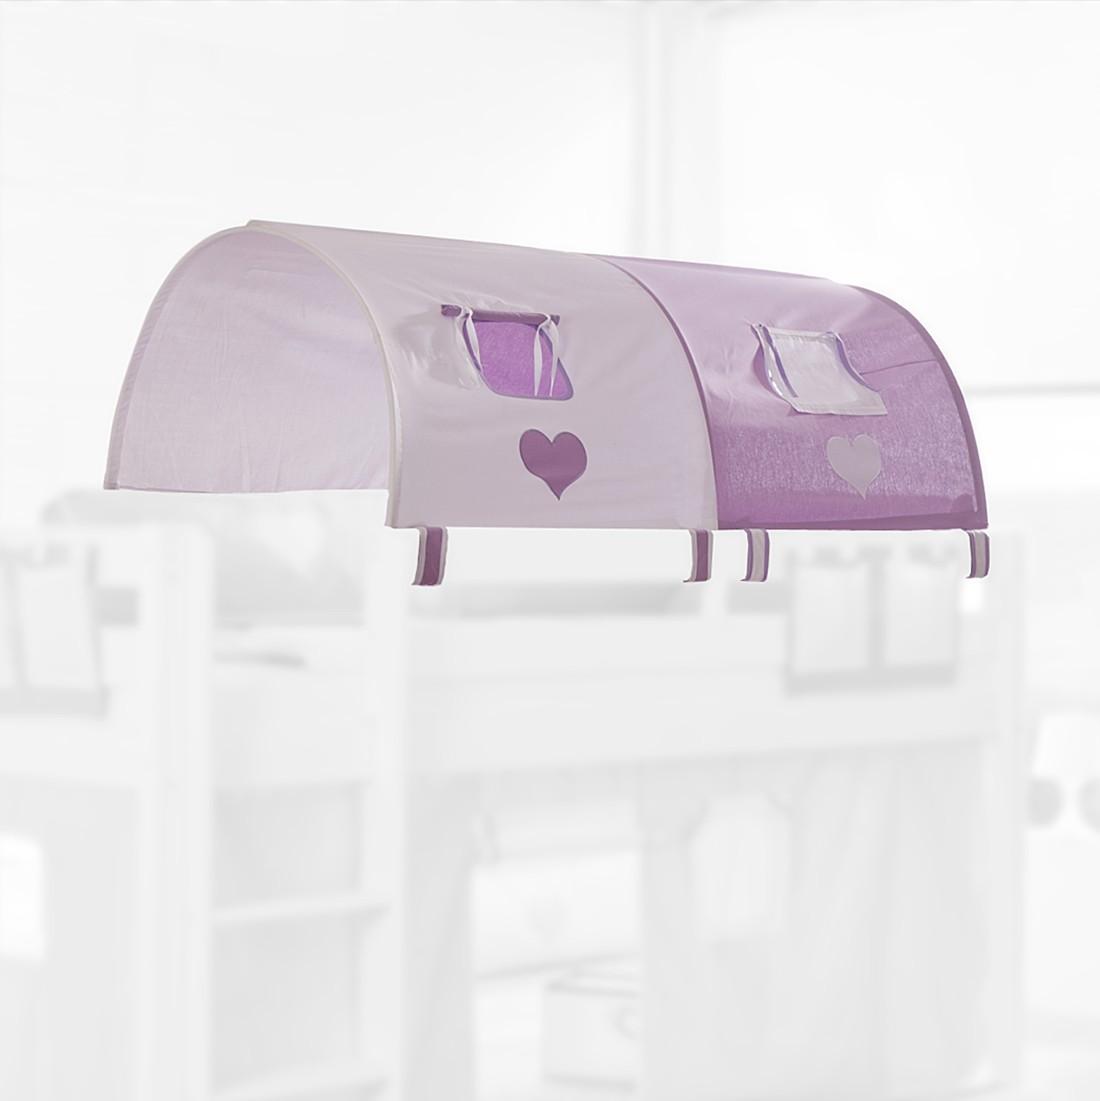 Stofftunnel lila/weiß/Herz Relita – 2-er – Baumwolle, Relita online bestellen